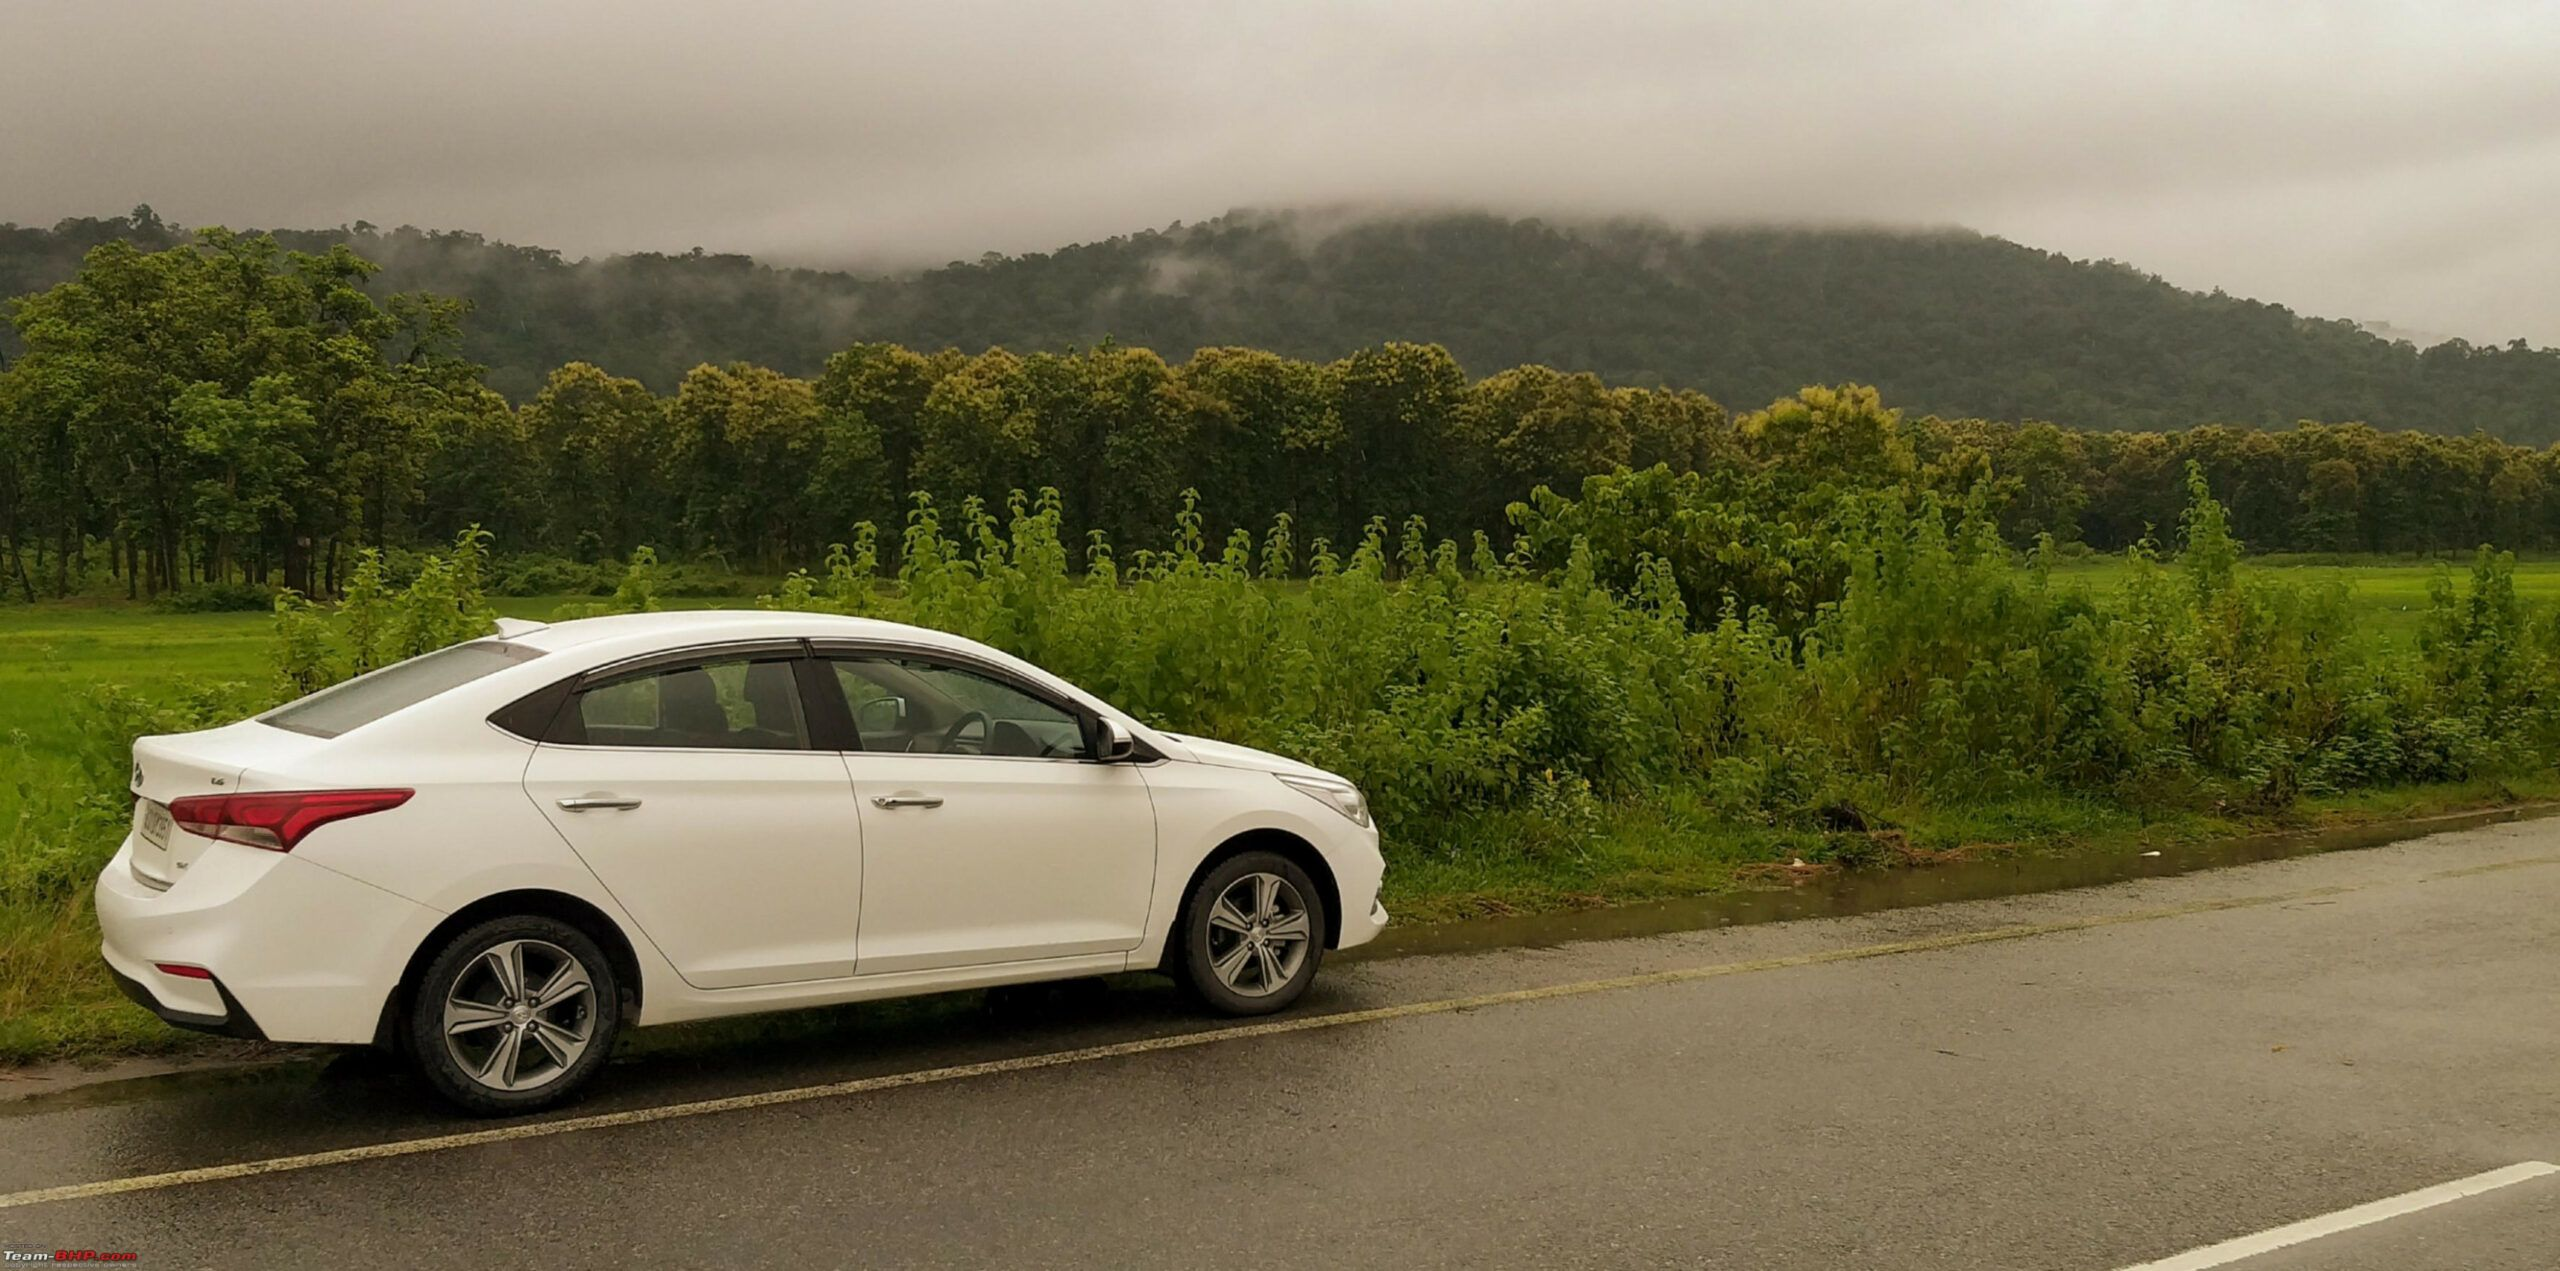 Hyundai Verna 2020 India Review And Release Date Hyundai